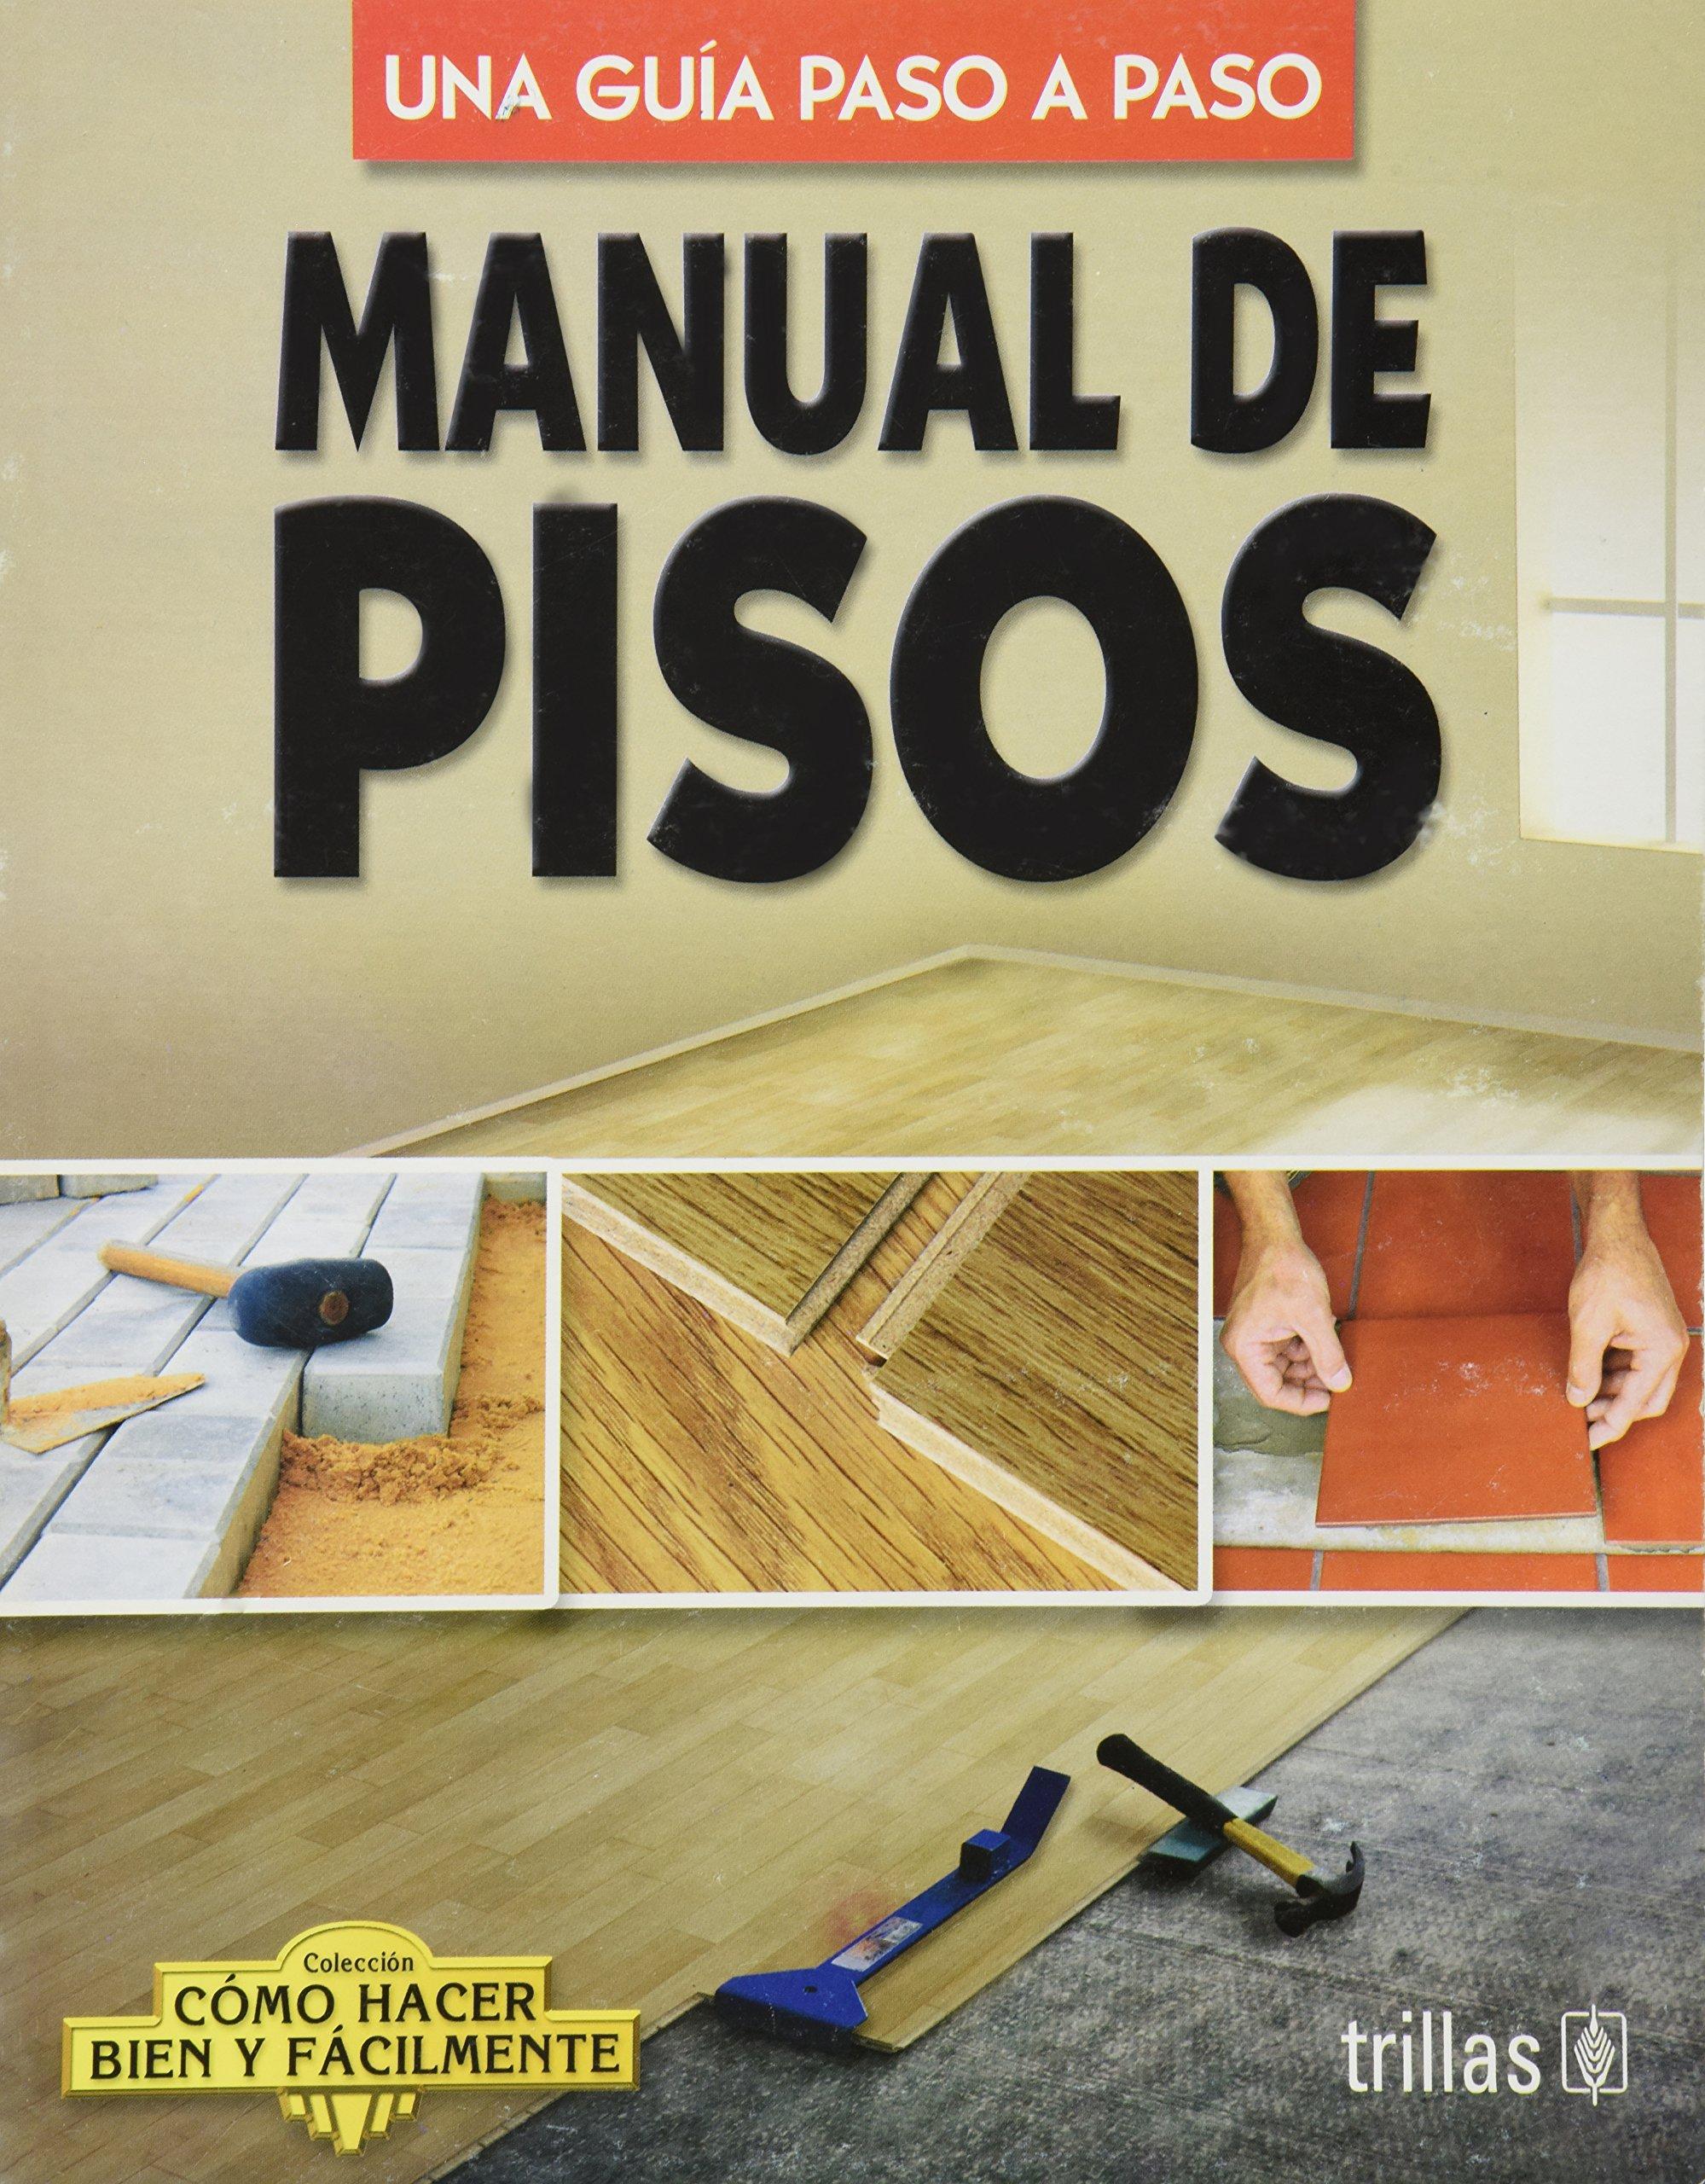 Manual de pisos / Manual Floor: Una guia paso a paso / A Step by Step Guide (Como hacer bien y facilmente / How do Dood and Easy) (Spanish Edition)